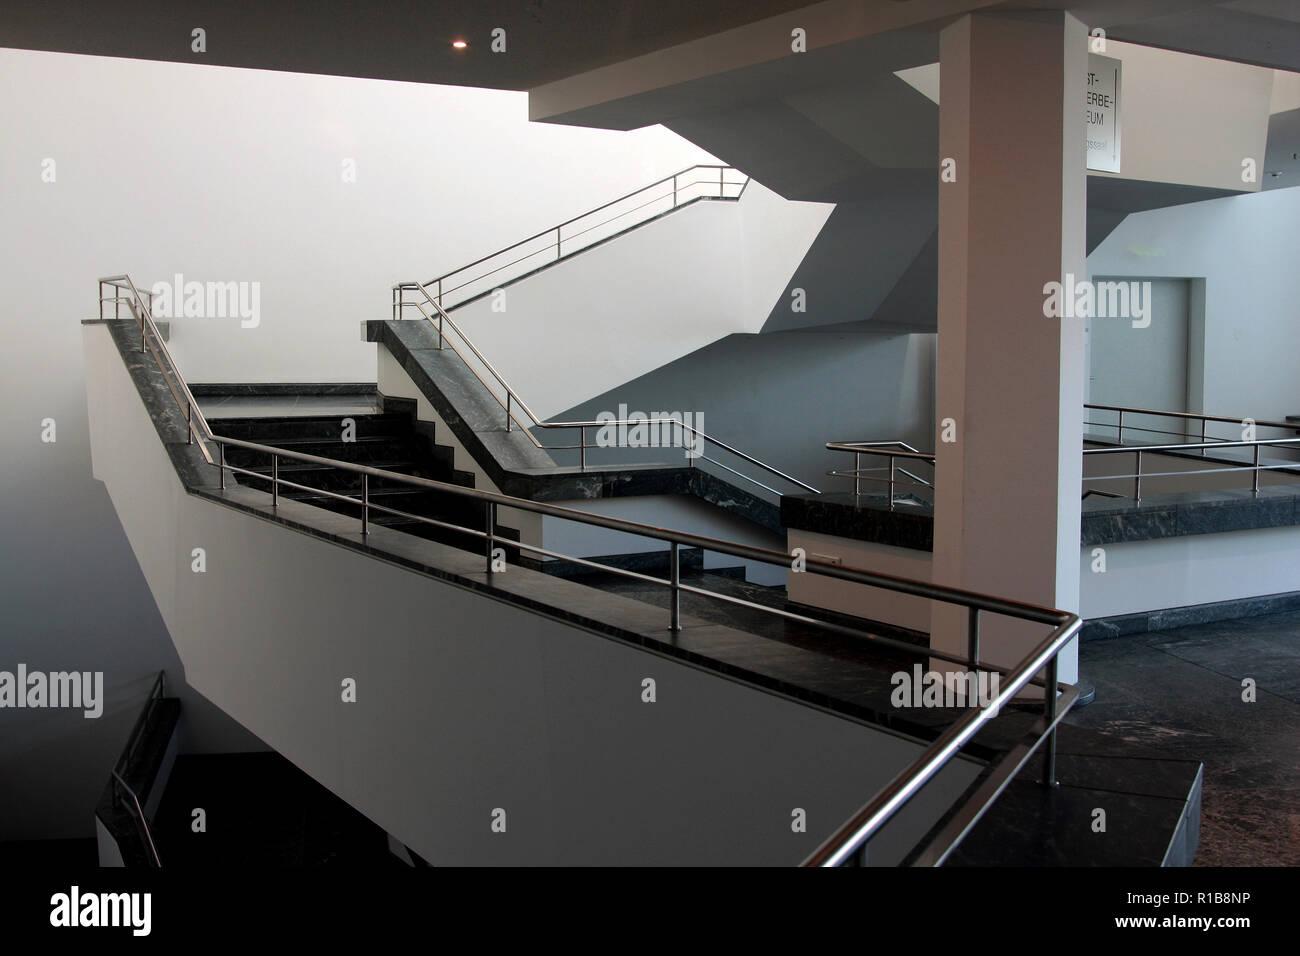 Un esempio di Nizza linee pulite e una tavolozza colori neutri per esteticamente si prega l'occhio in questa interiore di un moderno edificio di uffici a Berlino, in Germania . Immagini Stock